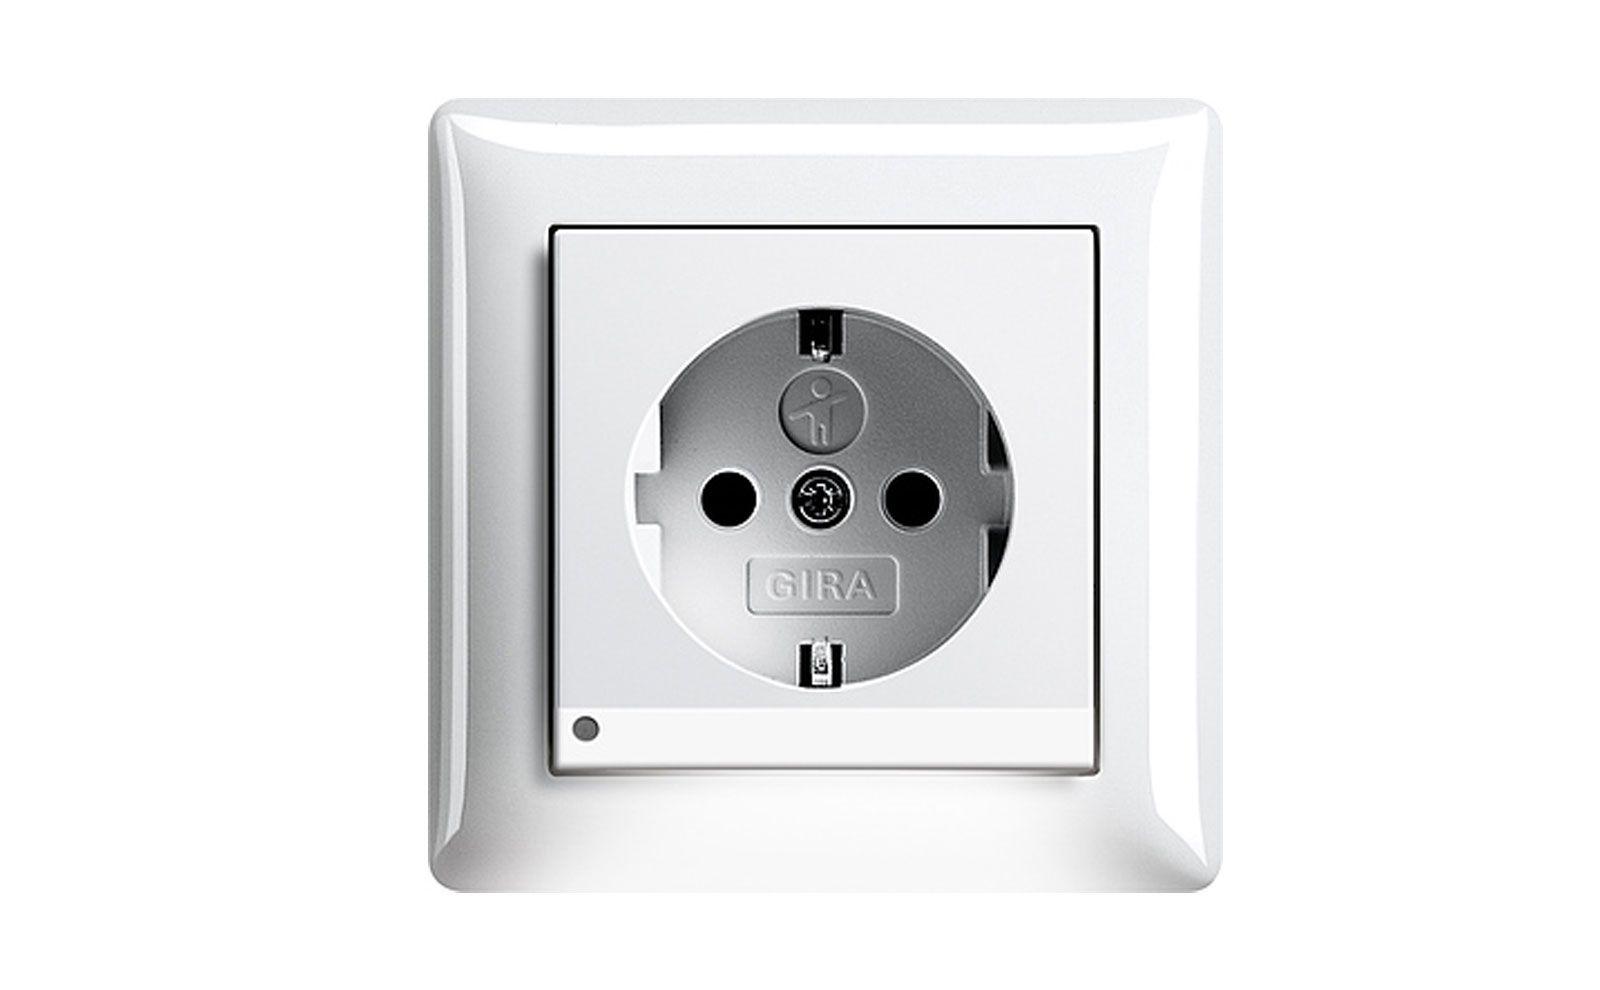 LED-Orientierungsleuchte im Standard 55 Rahmen